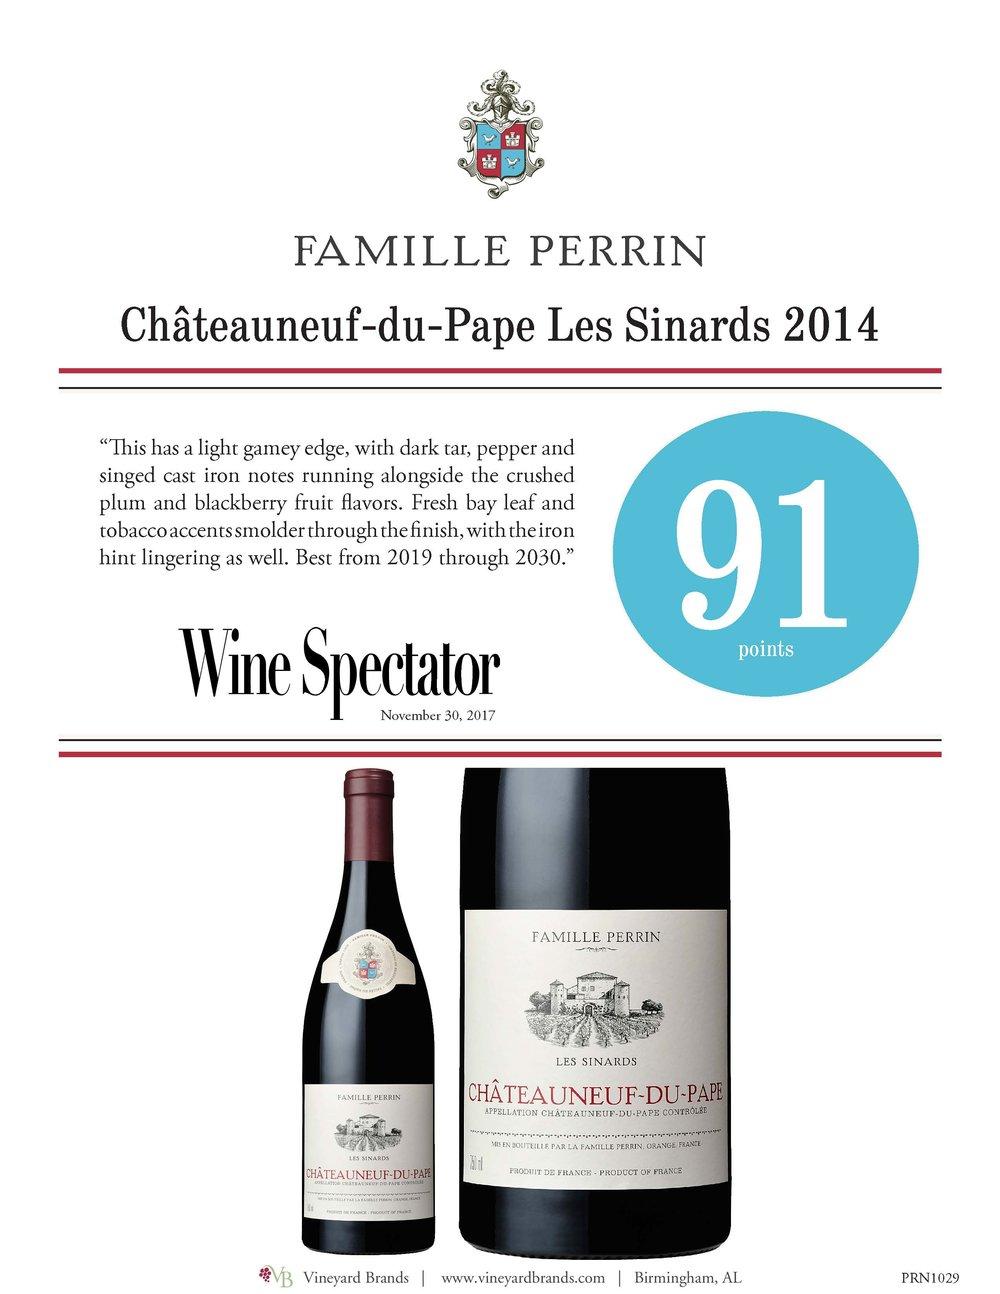 Famille Perrin CdP Les Sinards 2014.jpg